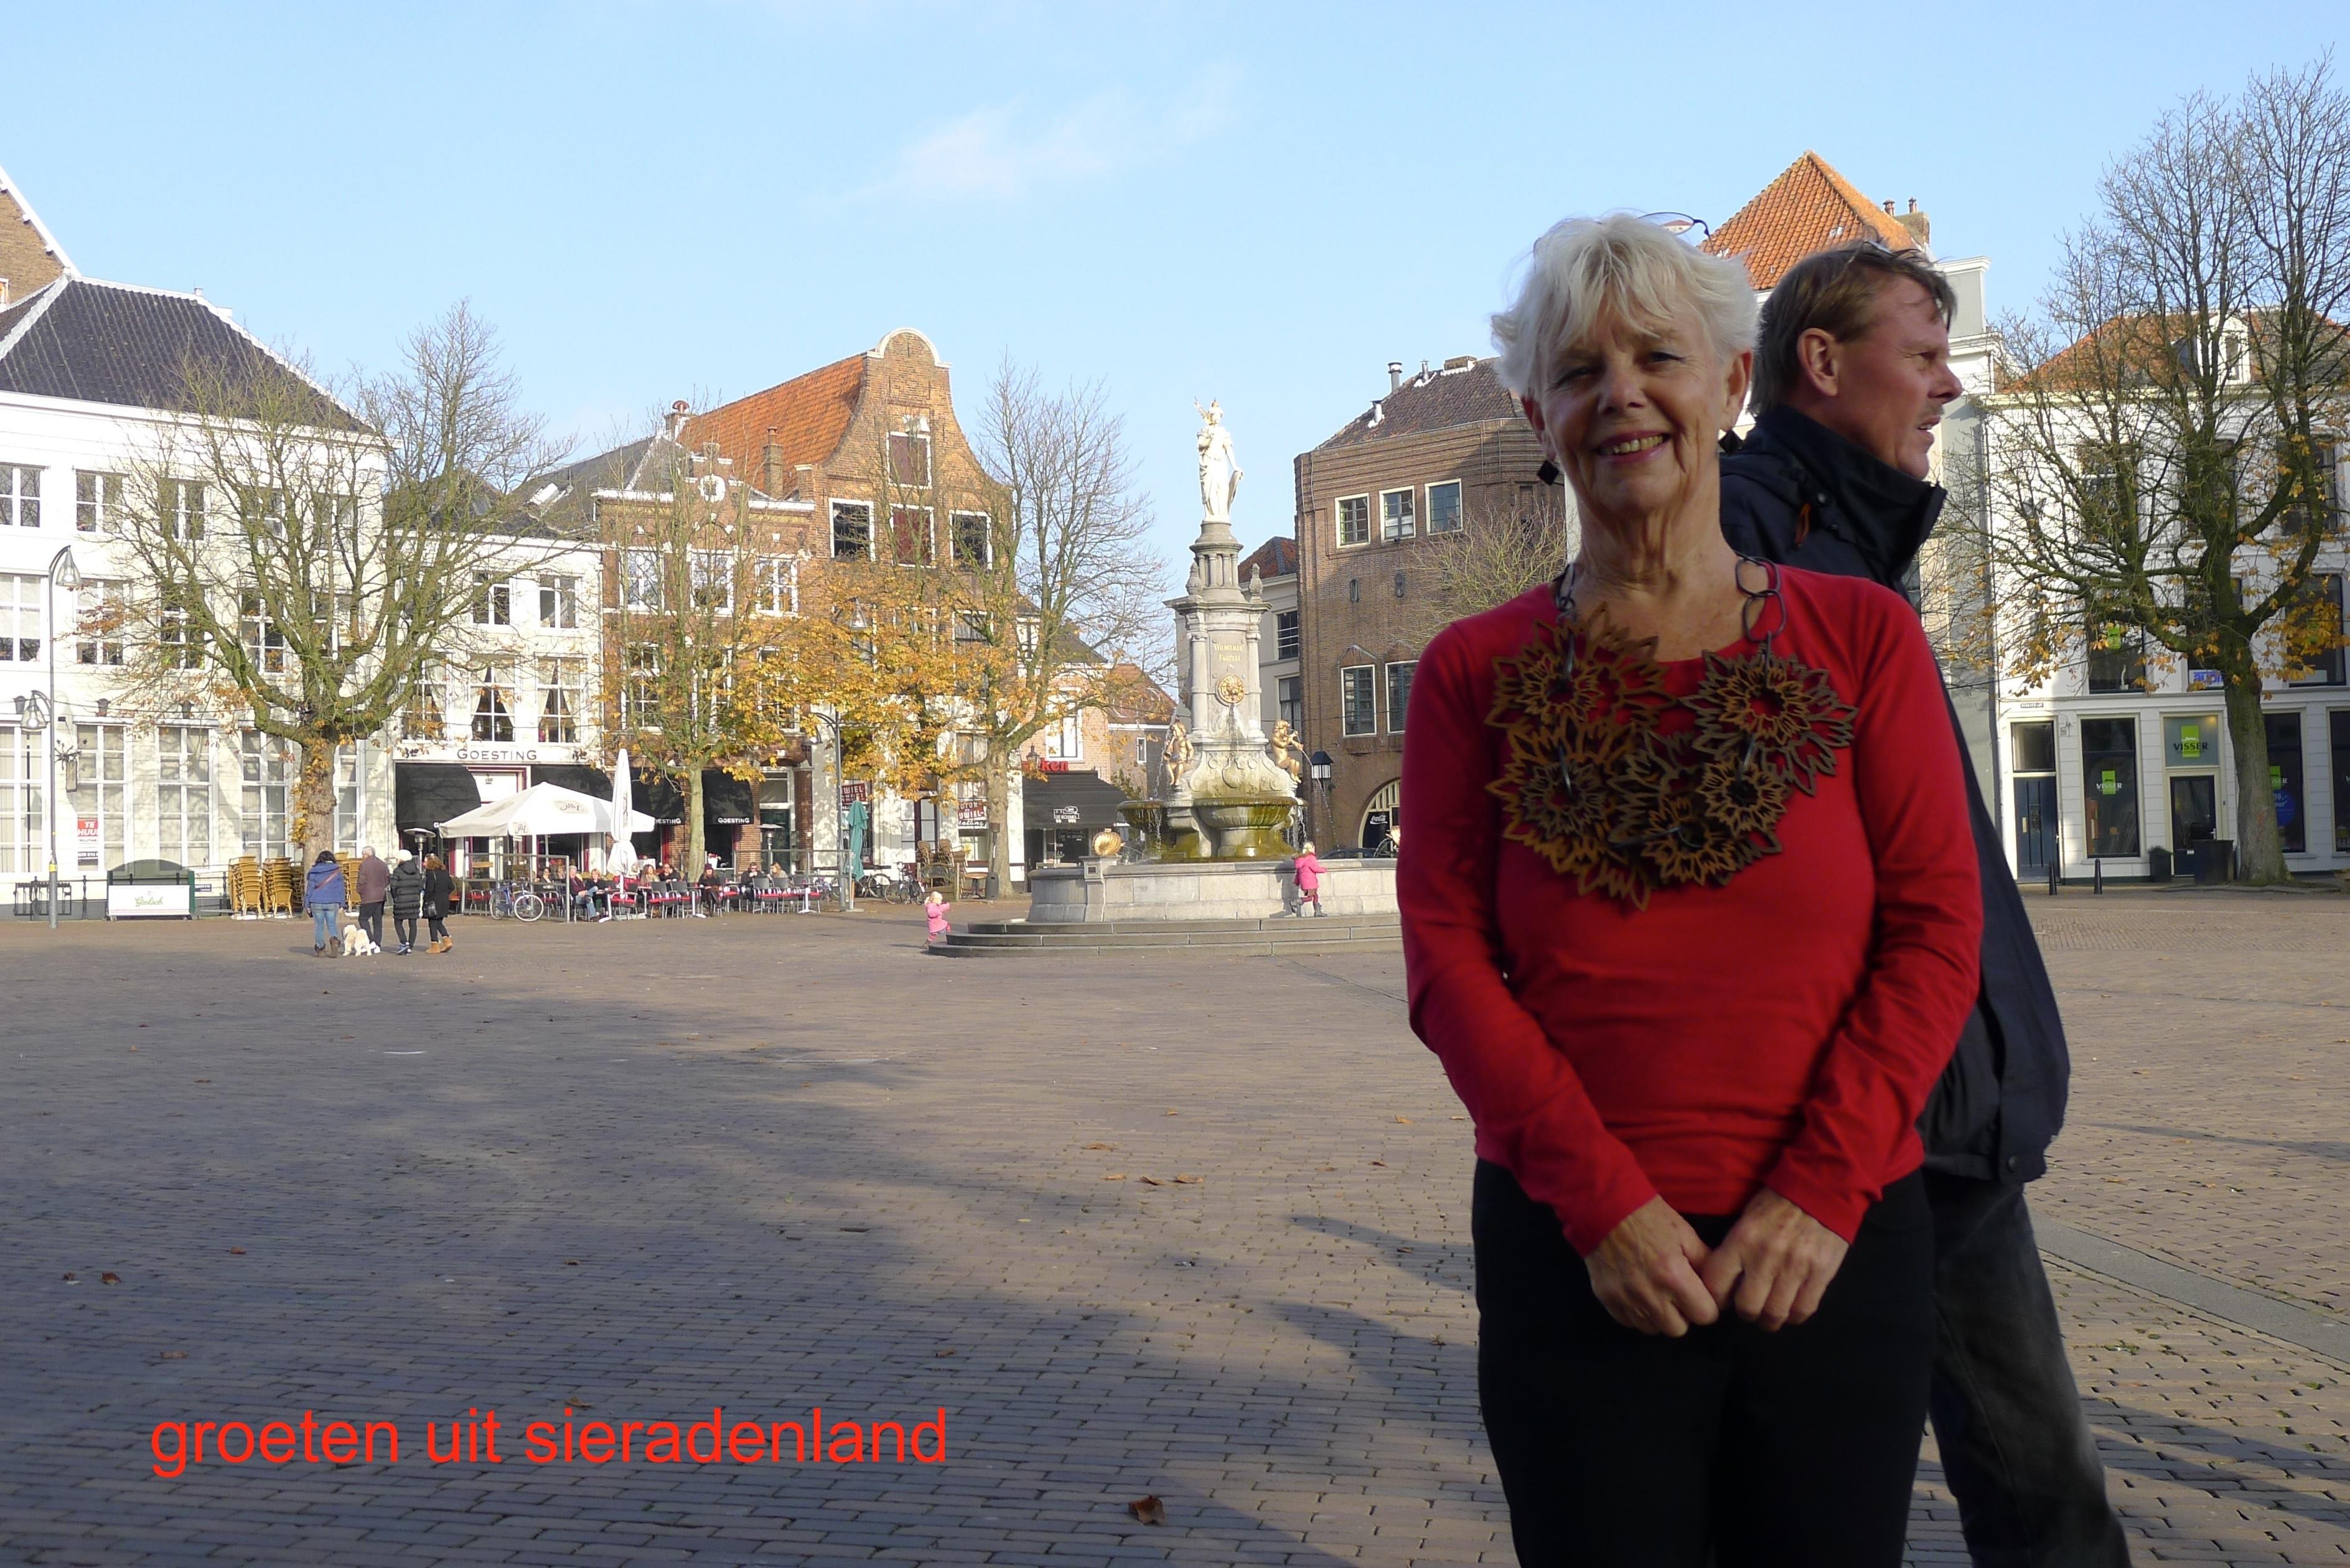 Claartje Keur, Zelfportret met halssieraad van Willemijn de Greef, Deventer, Brink, 11 november 2012. Foto Claartje Keur